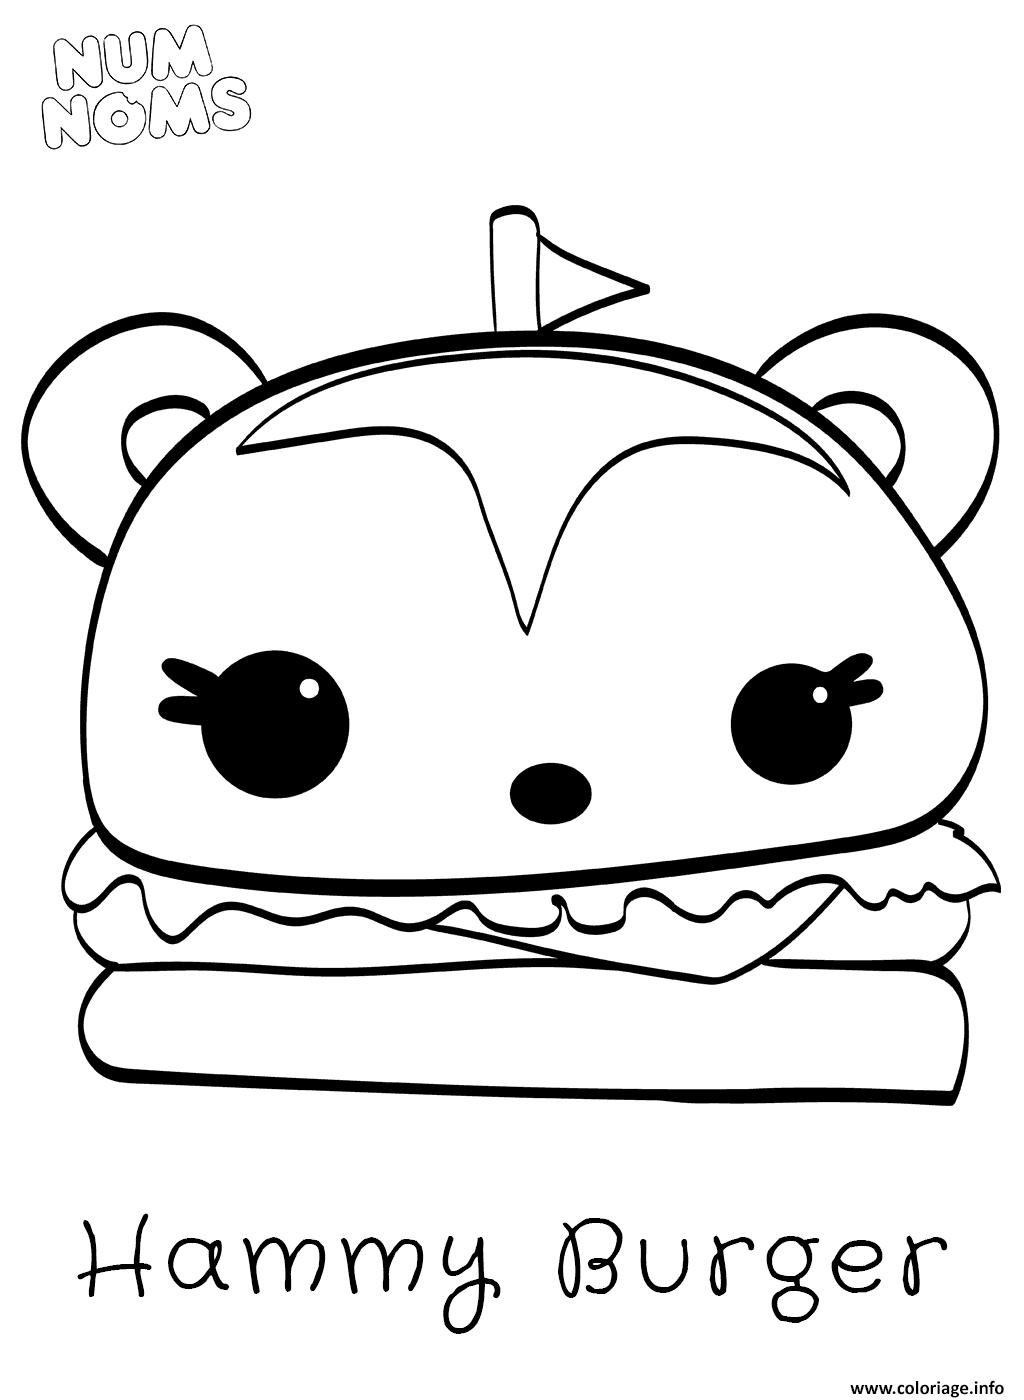 Coloriage Hammy Burger Dessin Num Noms à imprimer